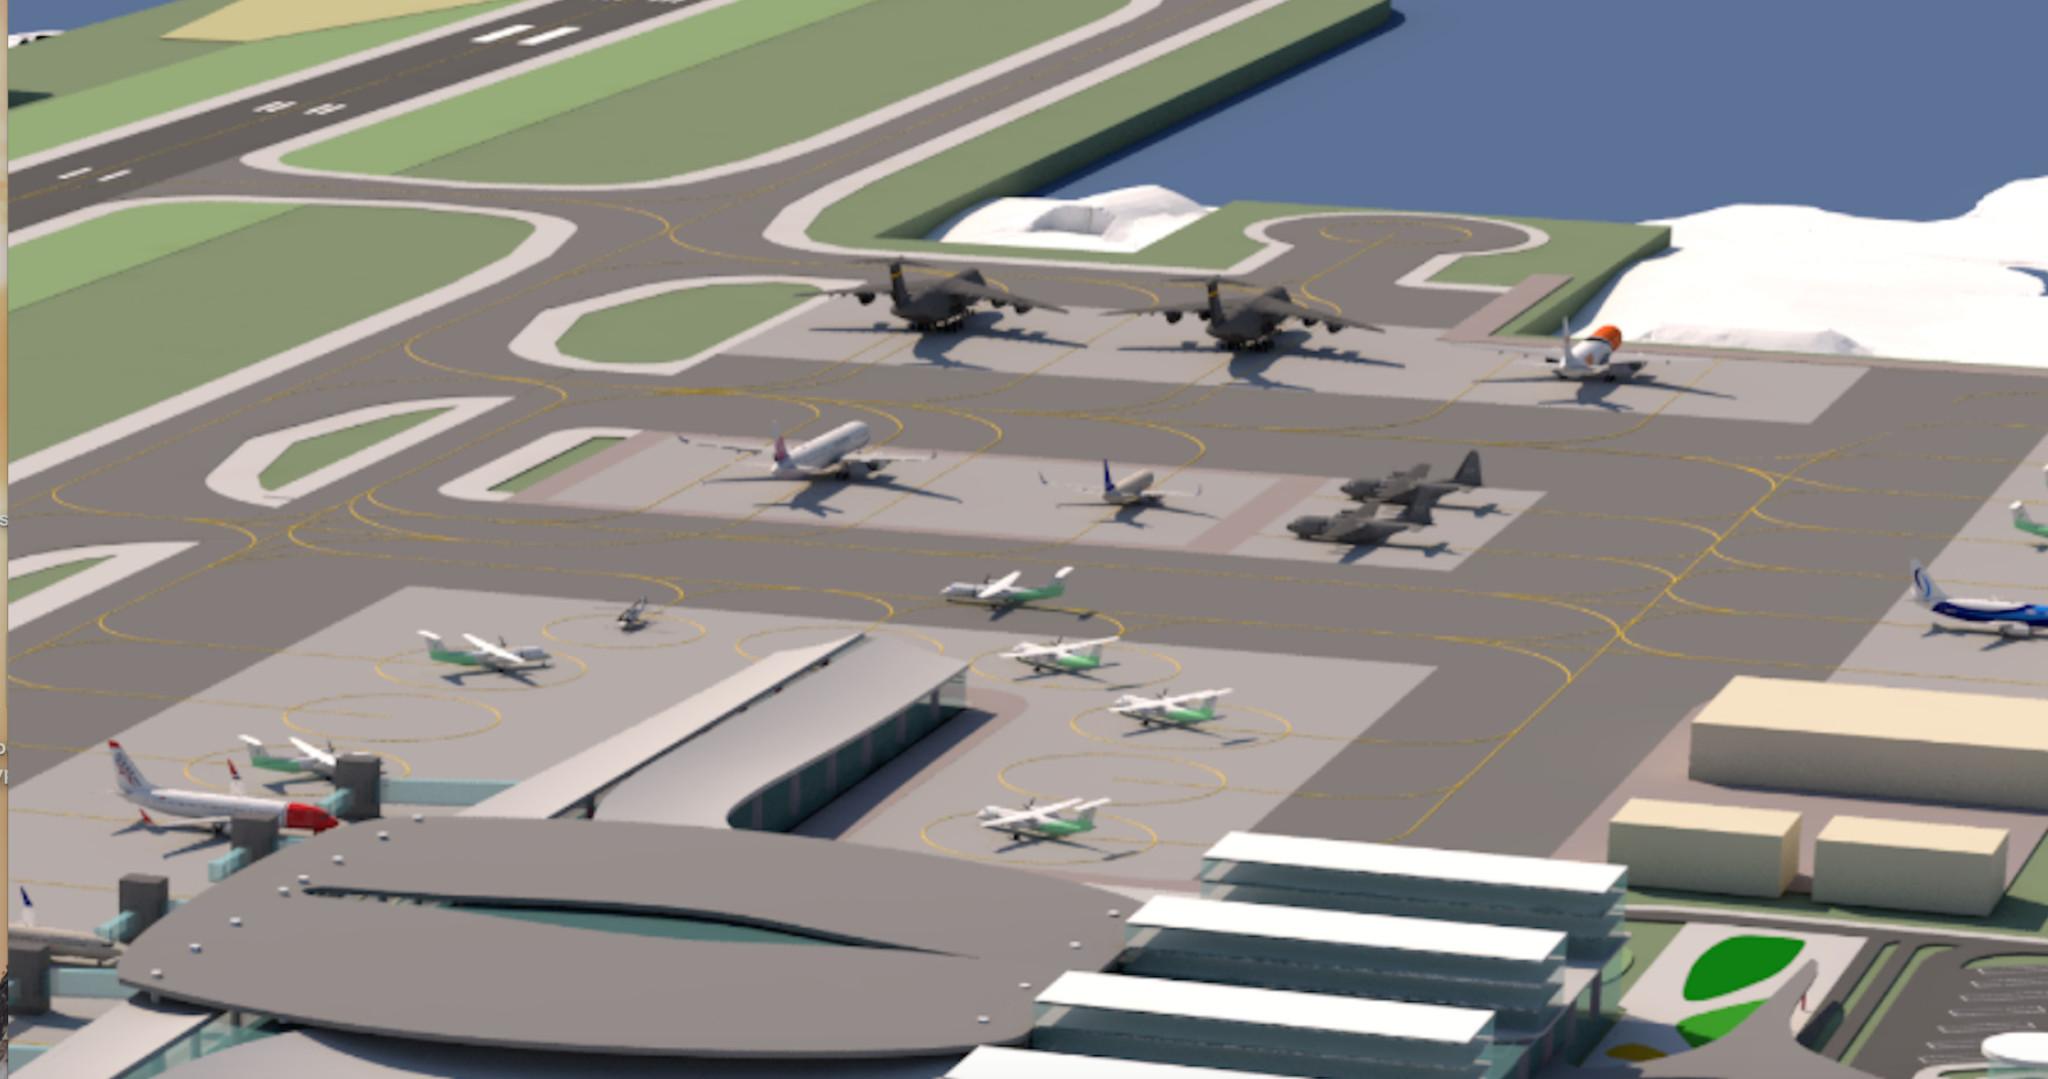 BLIR LUFTFORSVARET I BODØ LIKEVEL? Nye Bodø lufthavn skulle bli en sivil flyplass. Men detaljskisser Avinor har gått ut med, viser at Luftforsvaret etter alt å dømme planlegger en betydelig tilstedeværelse her. På bildet sees fire militære lastefly. Foto: SKJERMDUMP FRA AVINOR.NO